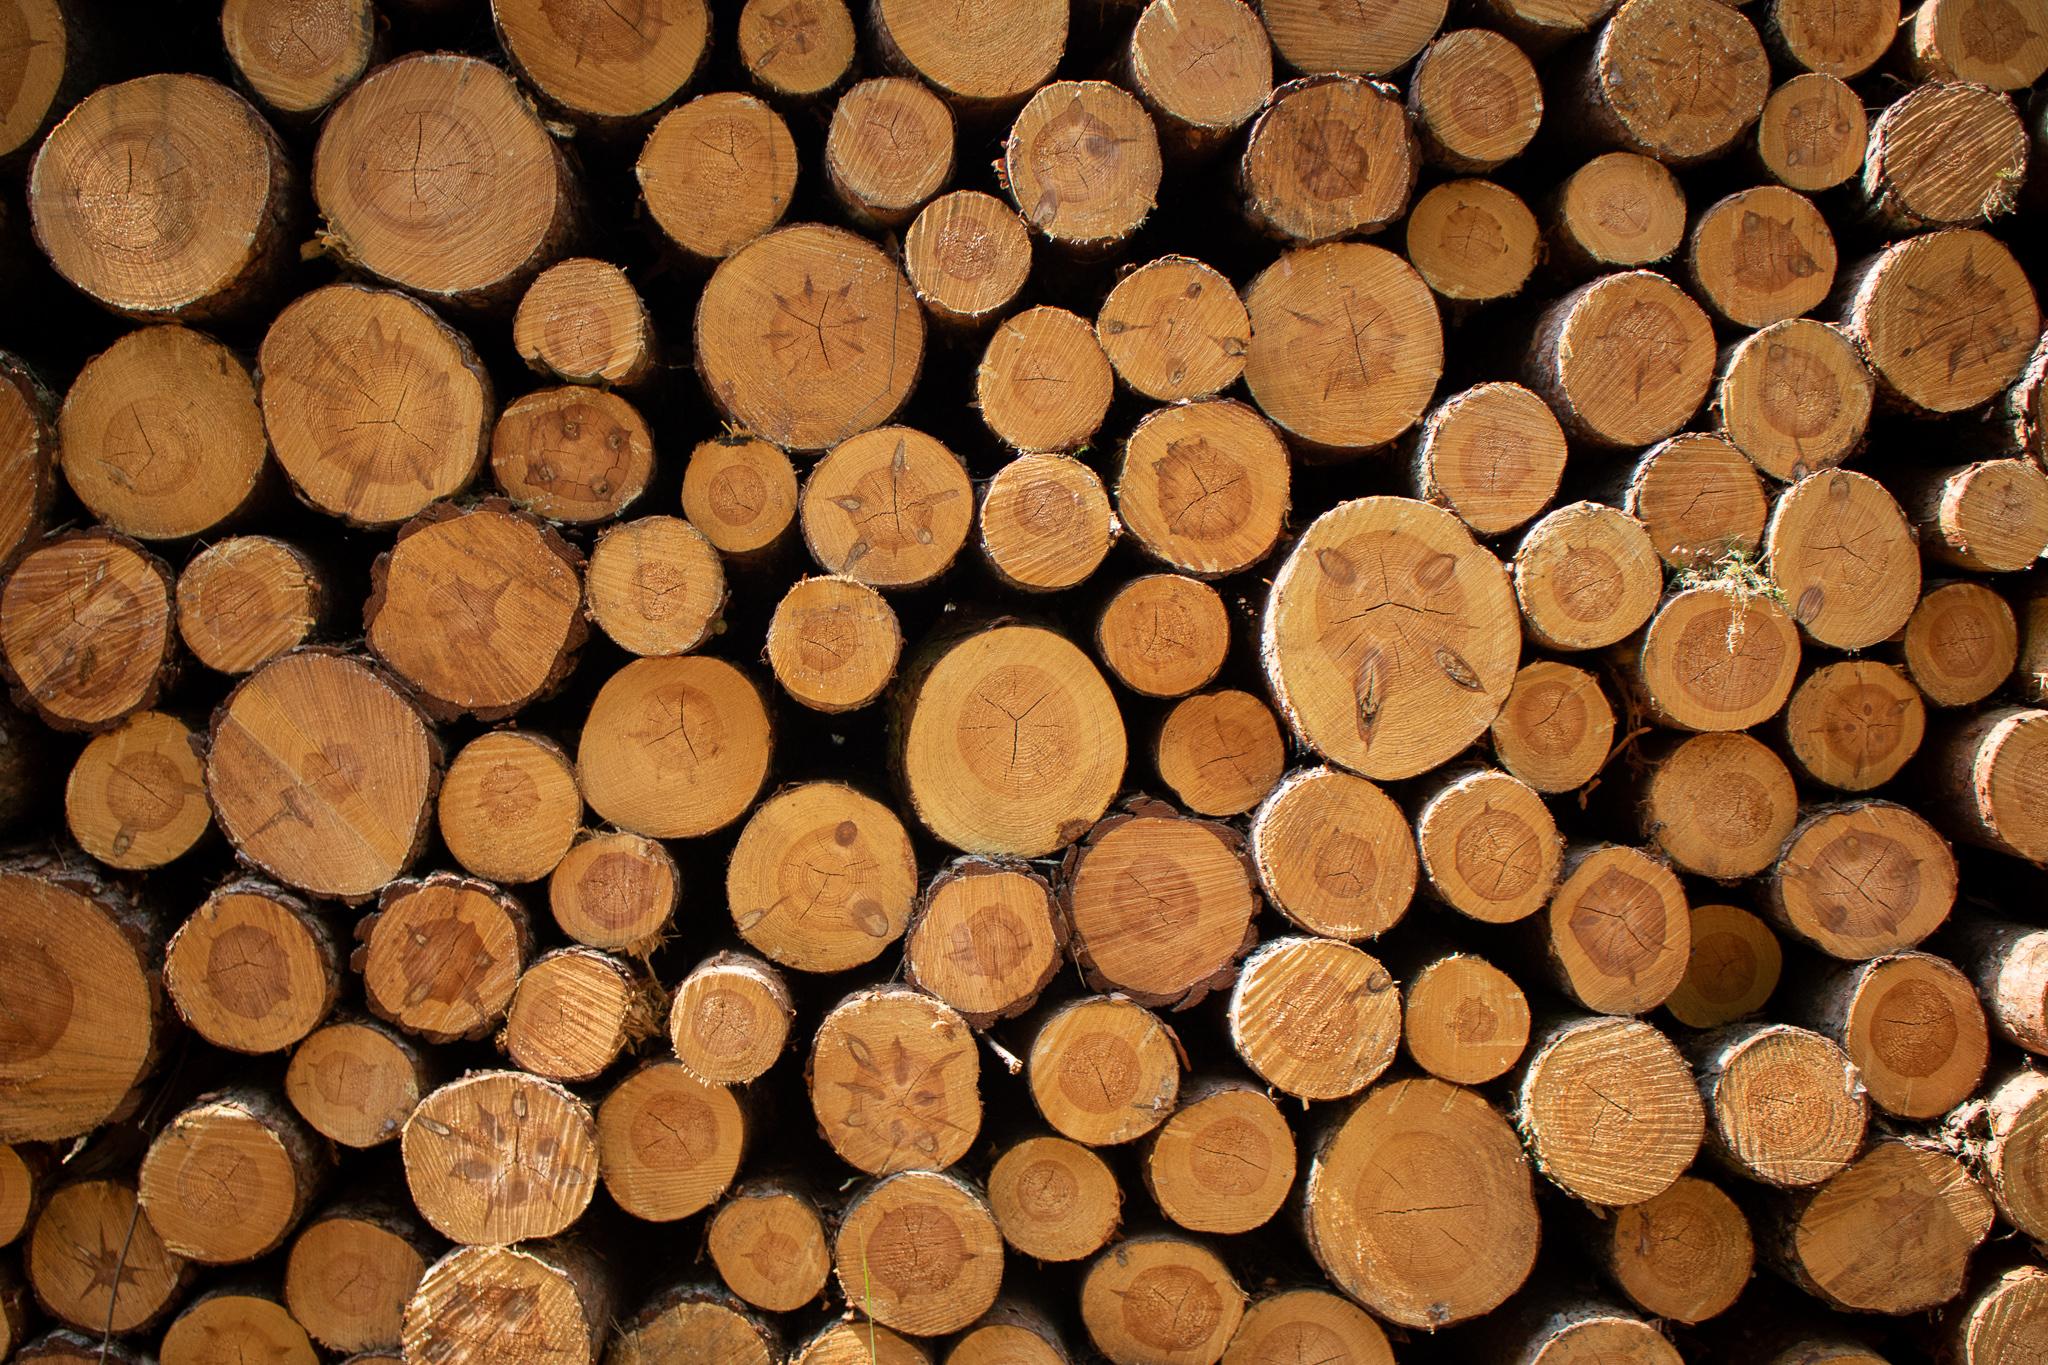 Unsere Bäume – Die Wald-Kiefer (Pinus sylvestris)